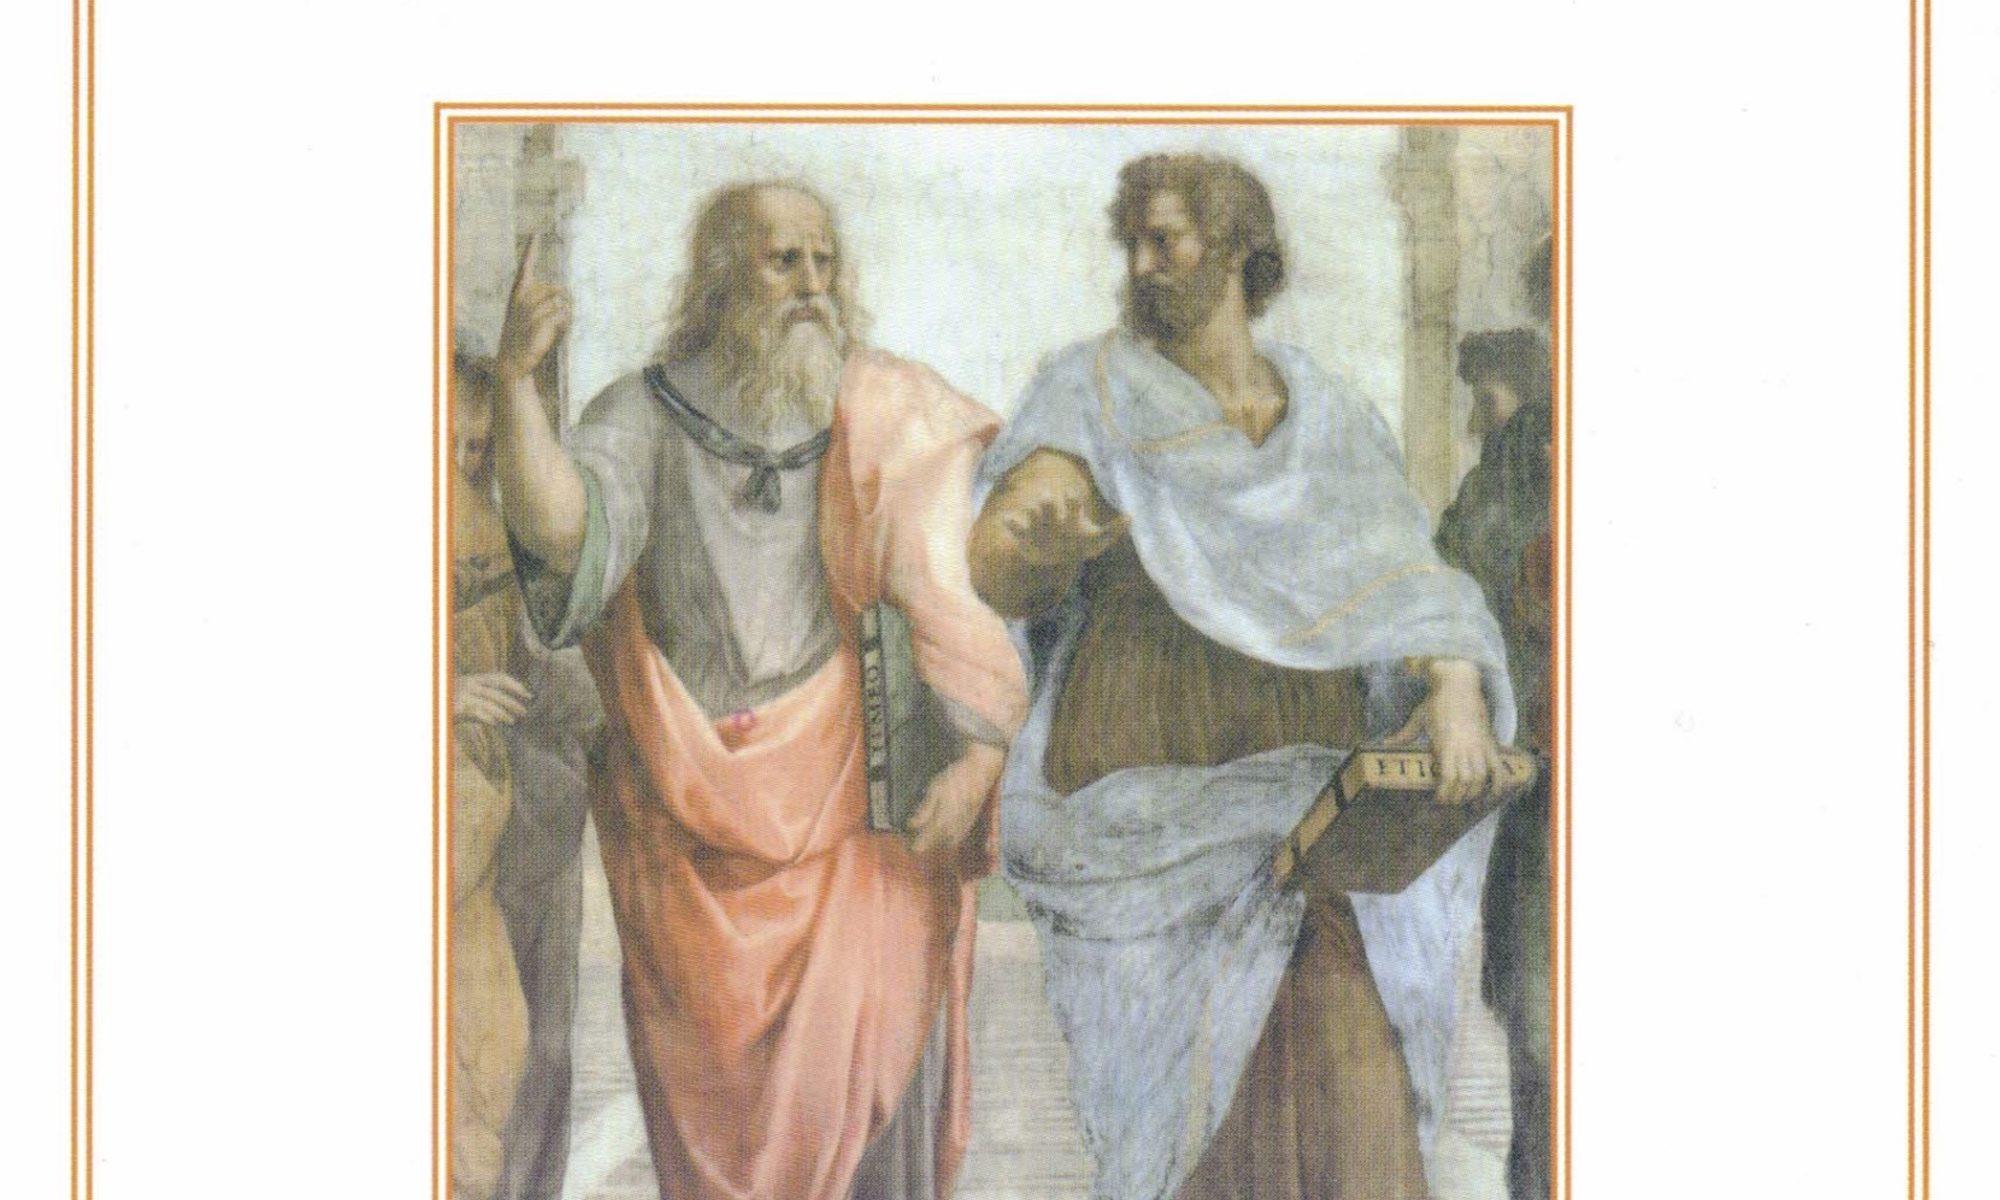 Viaggio nell'antica Grecia